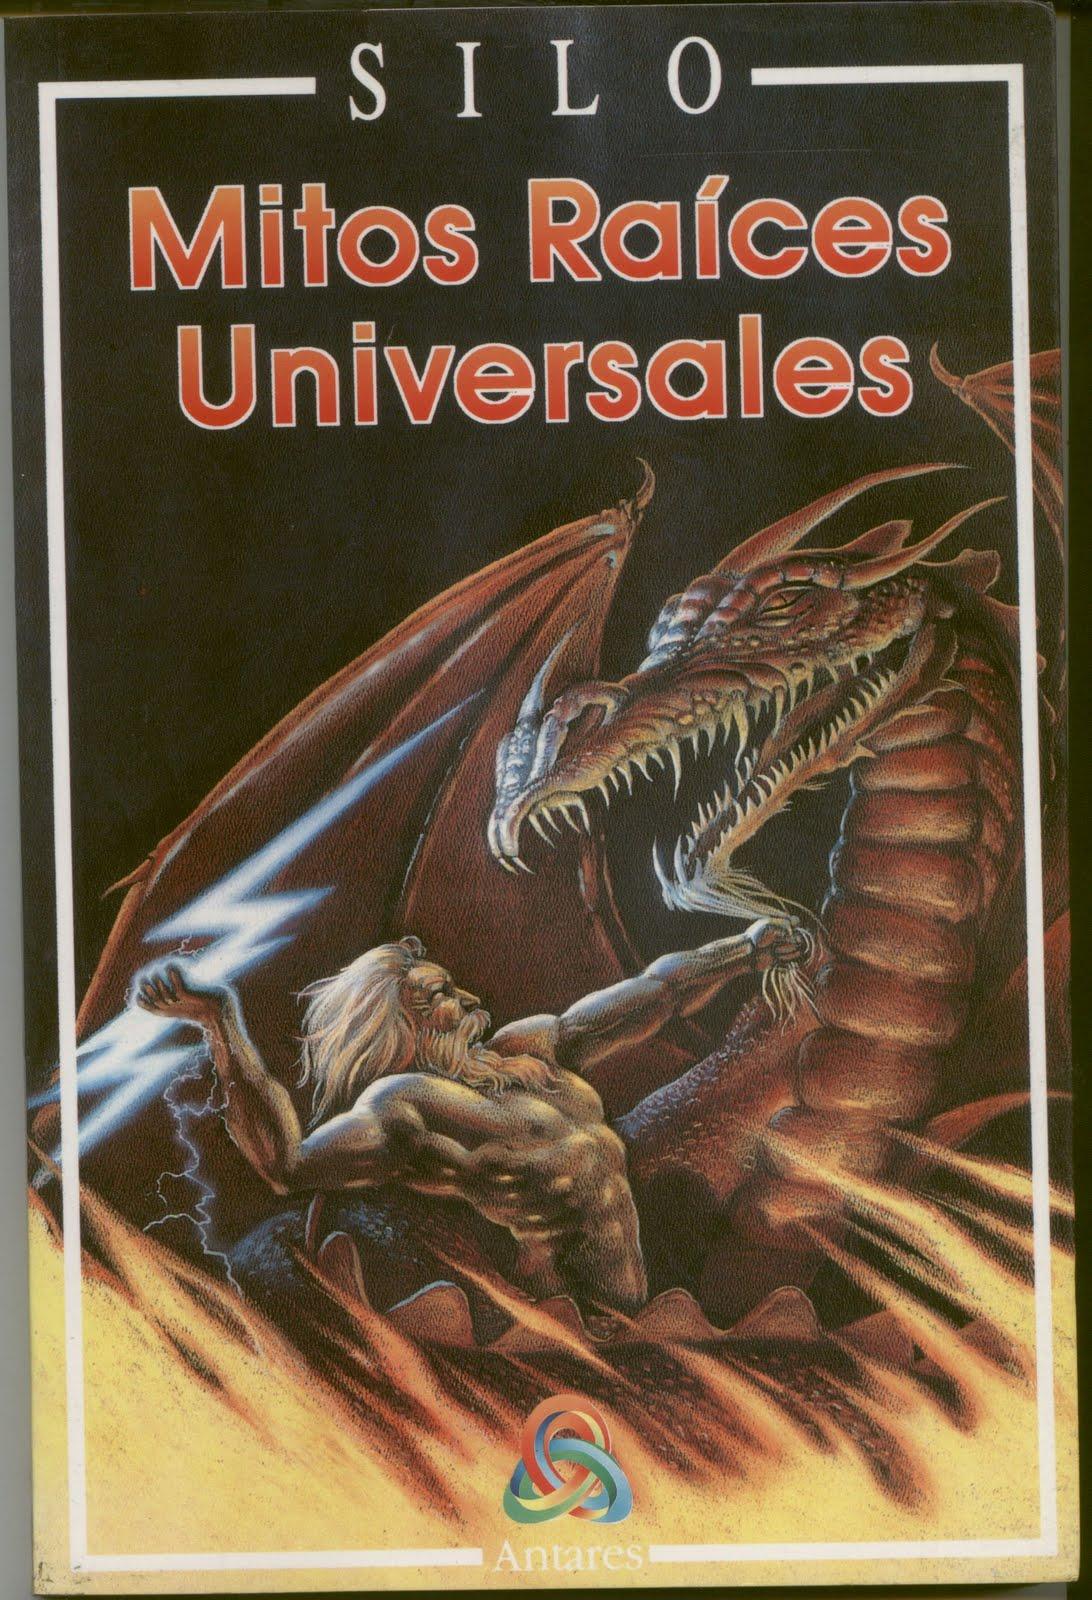 4 décadas de la obra de Silo: Mitos Raíces Universales